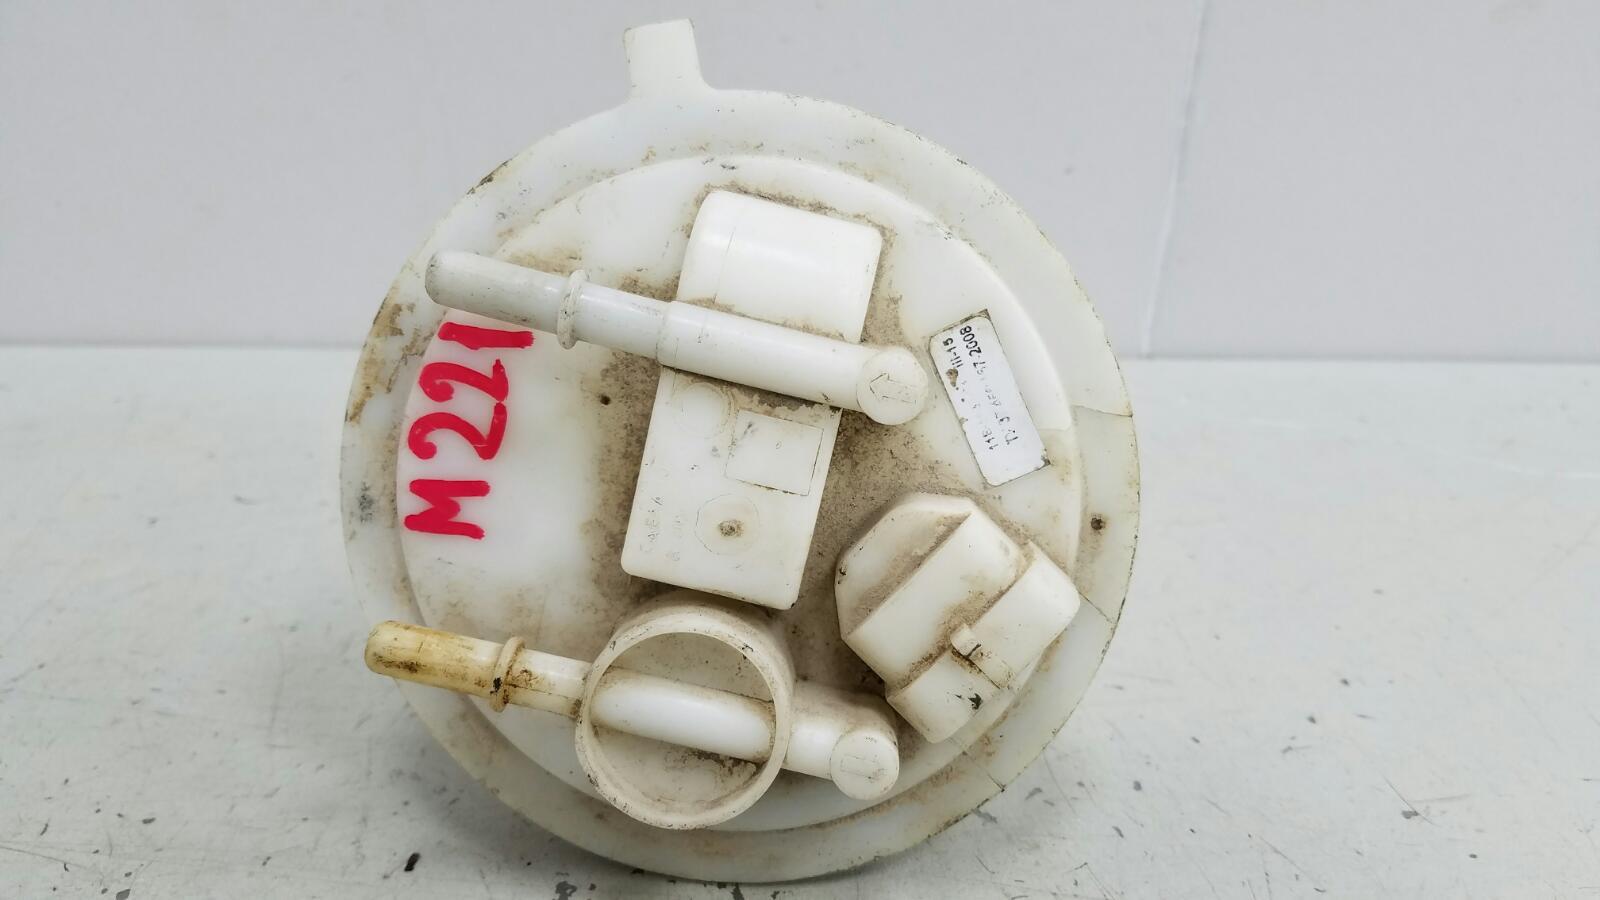 Топливный бензонасос Ваз Лада Калина 1118 1.4Л 16КЛАПАНОВ 2004